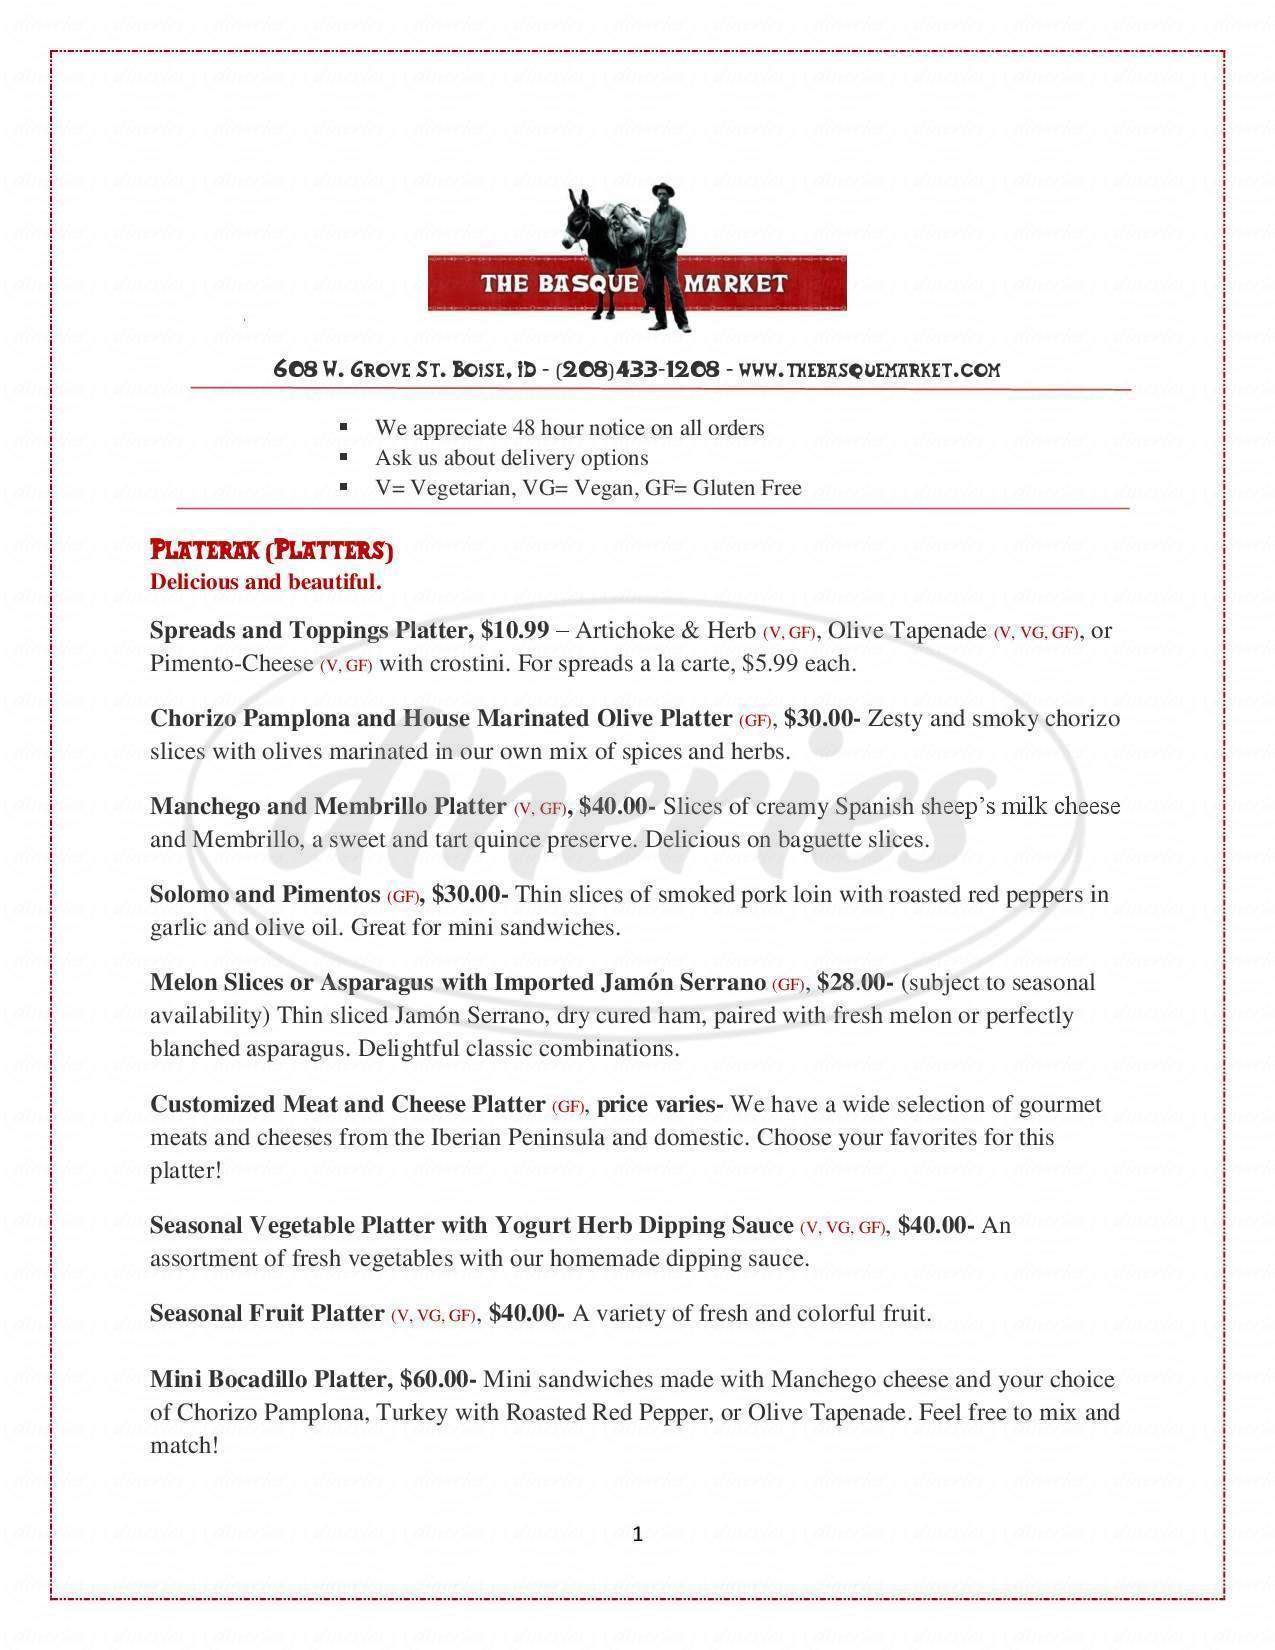 menu for The Basque Market